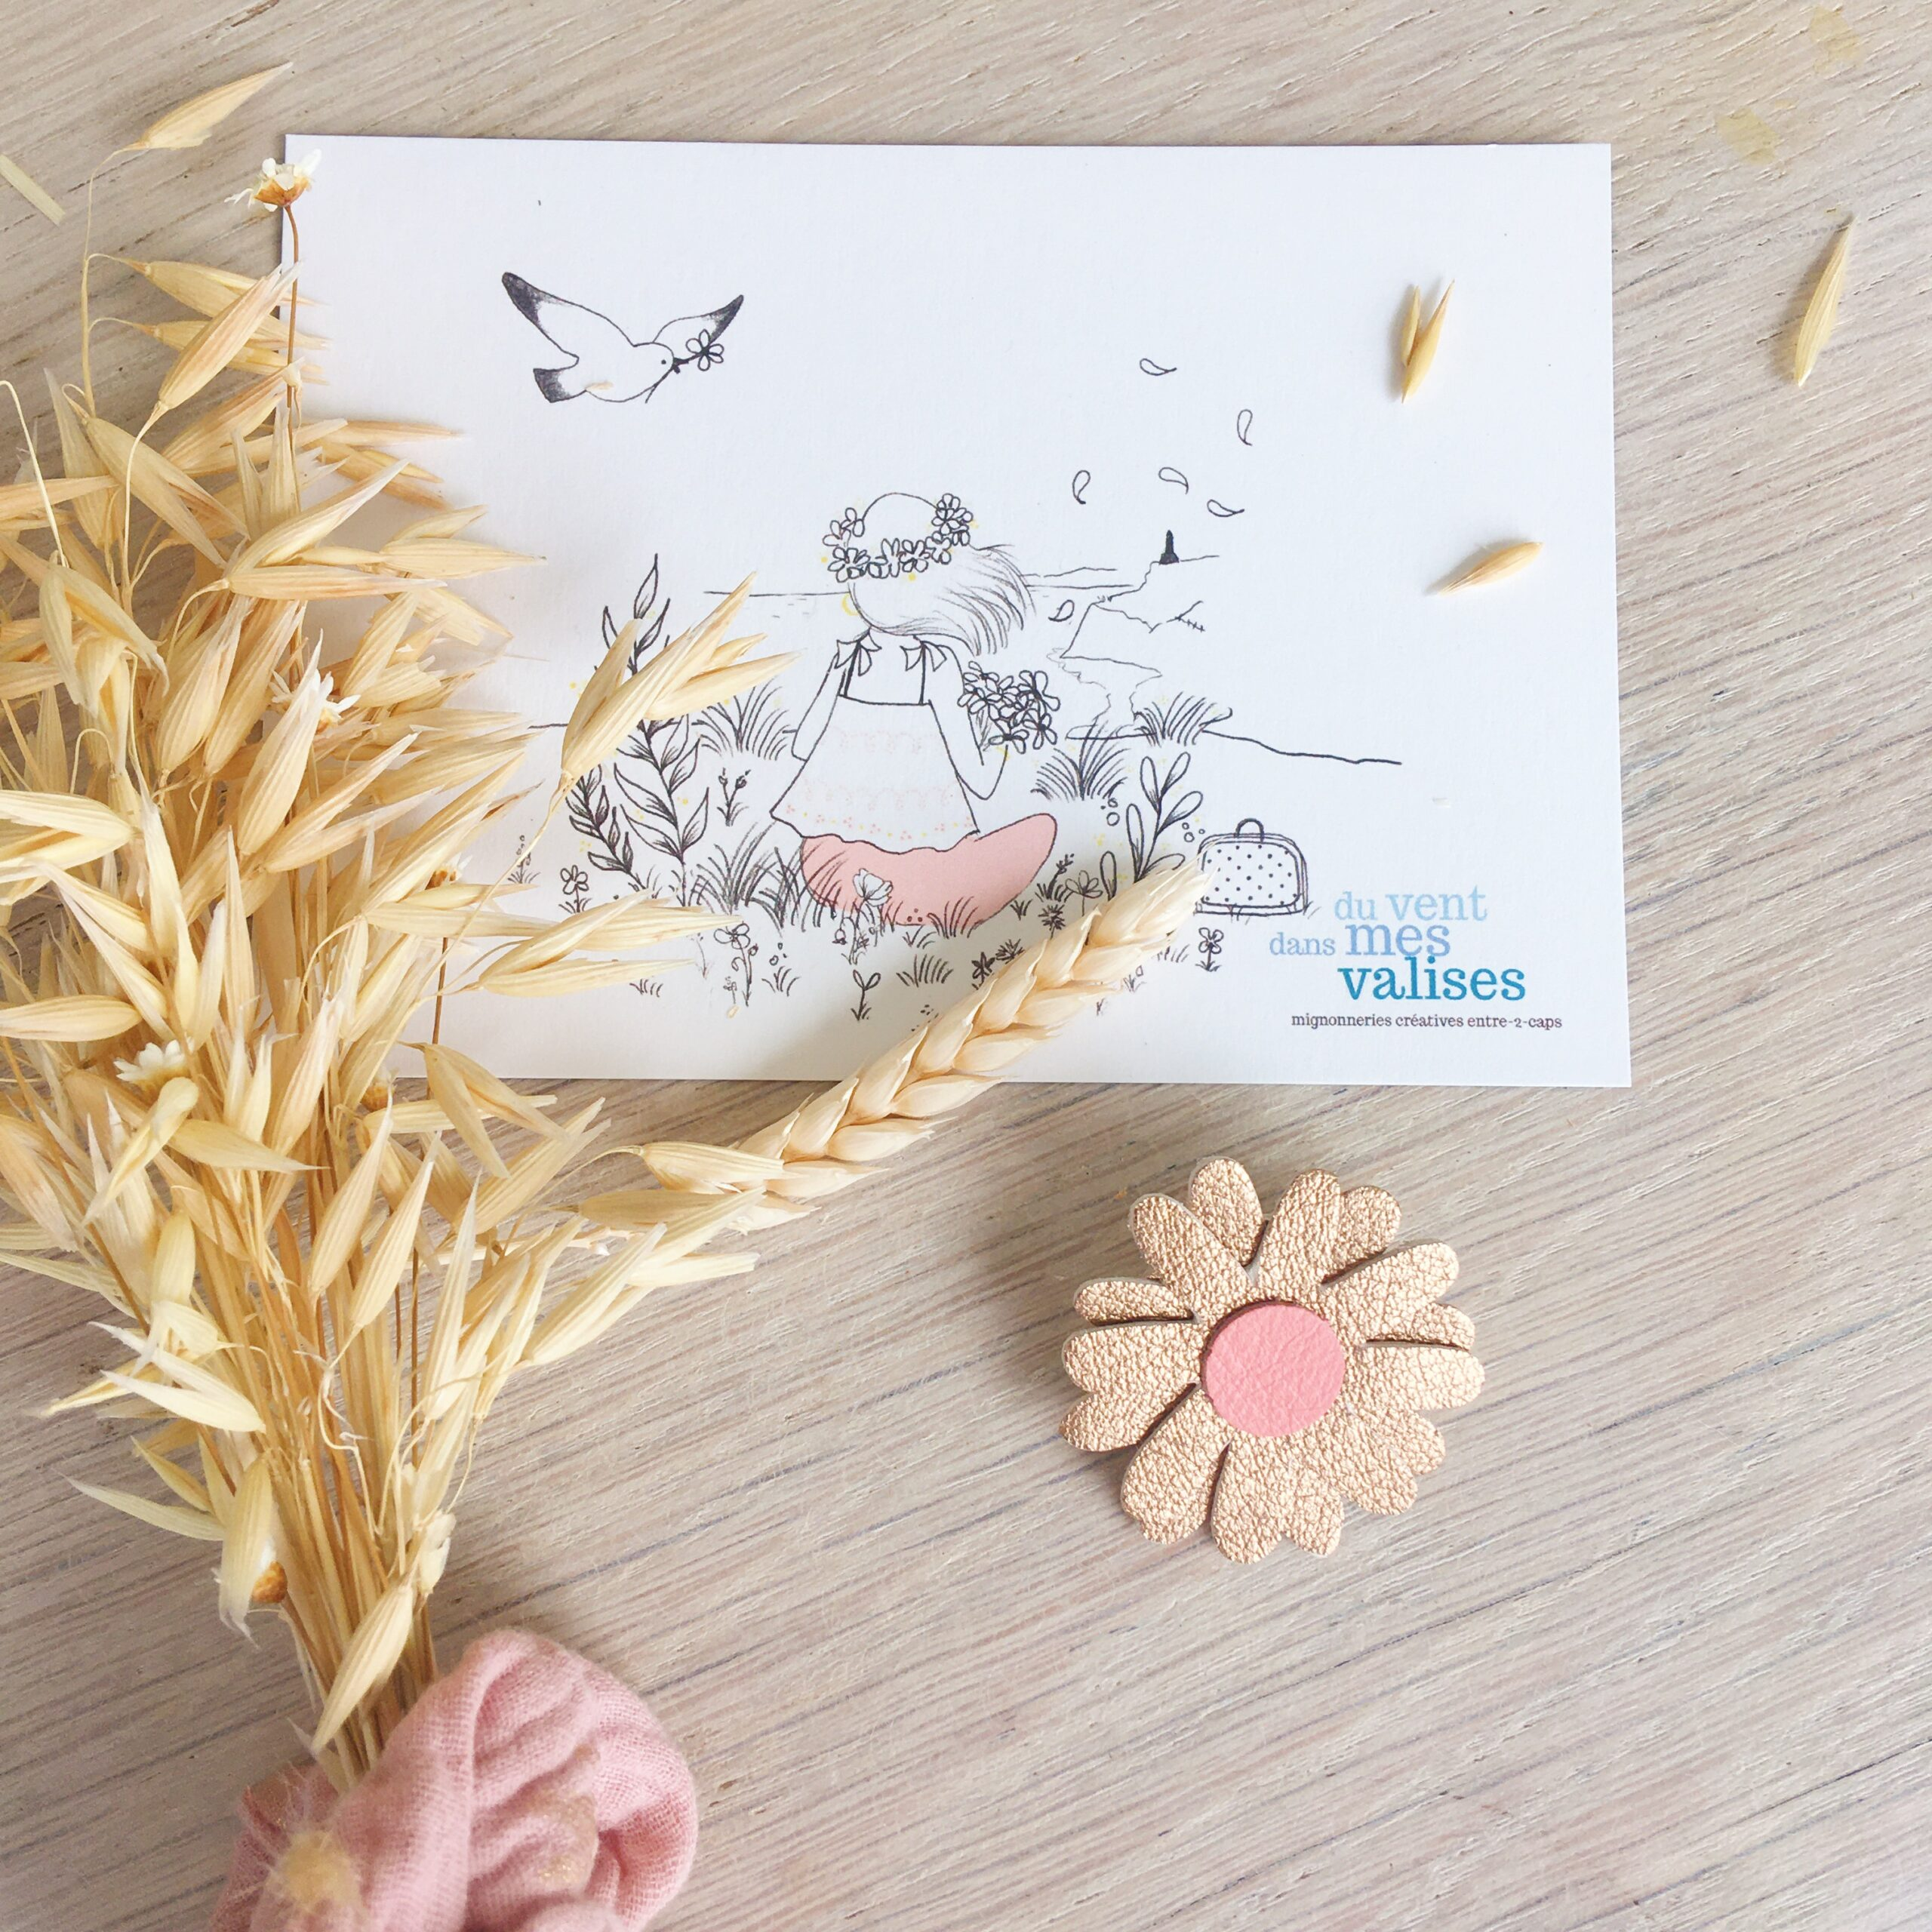 broche florale bohème chic marguerite échinacée cuivré en cuir fabrication artisanale française - du vent dans mes valises